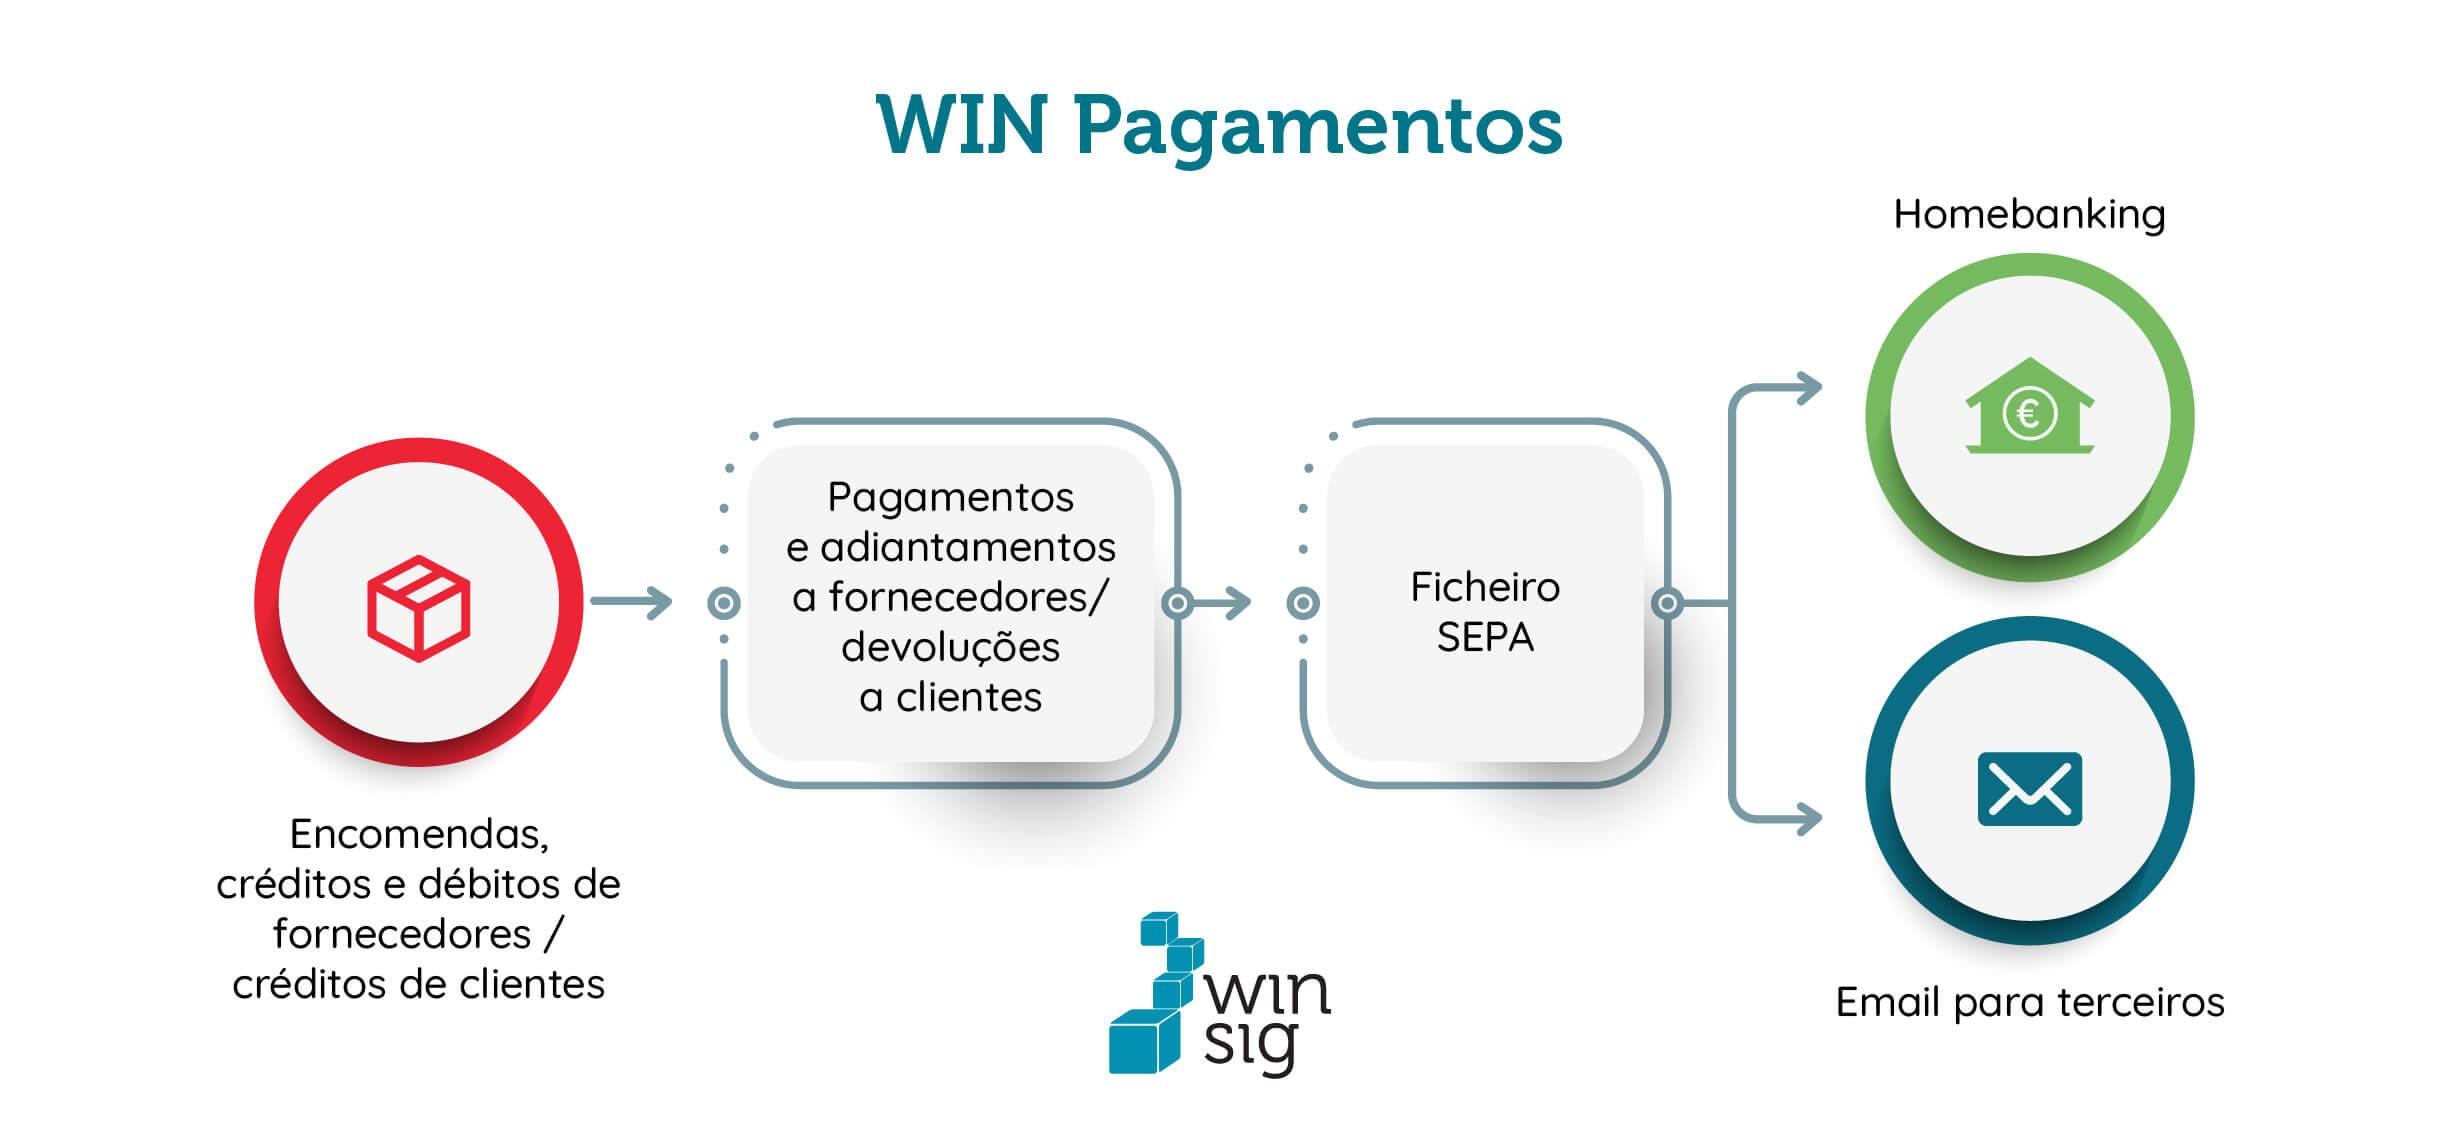 Win Pagamentos